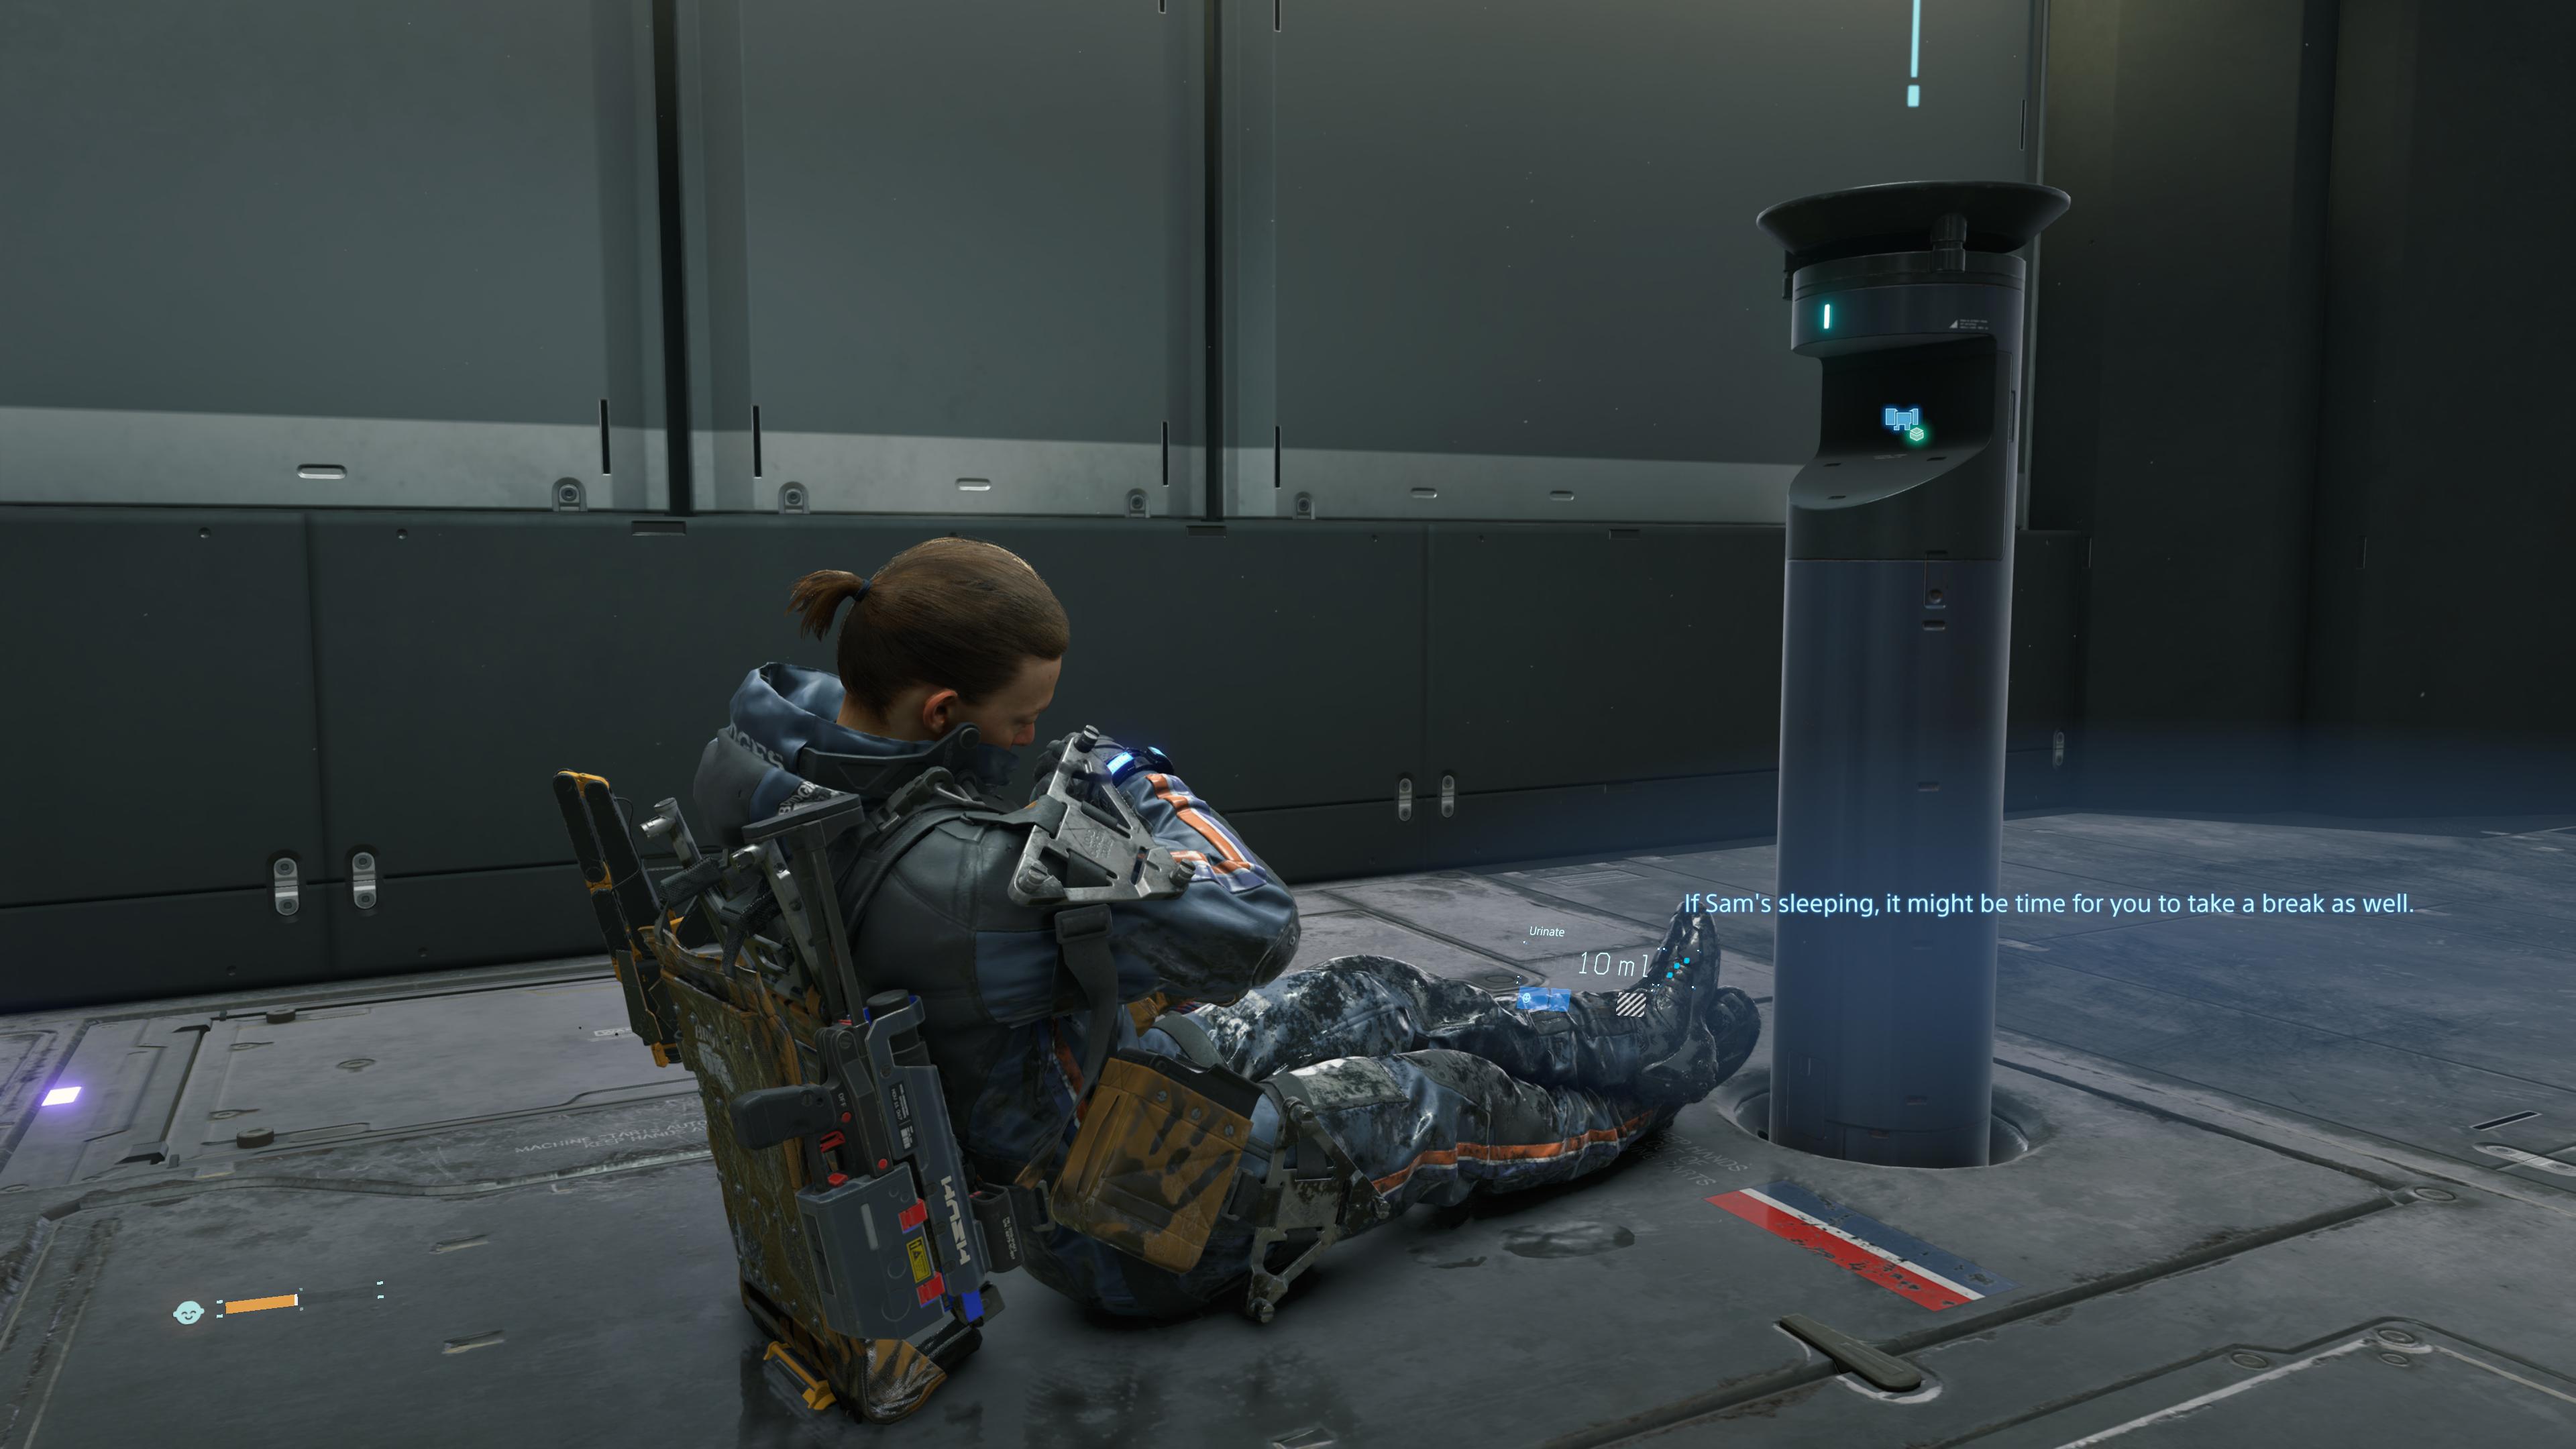 Po ciężkiej dostawie, Sam lubił zdrzemnąć się na podłodze